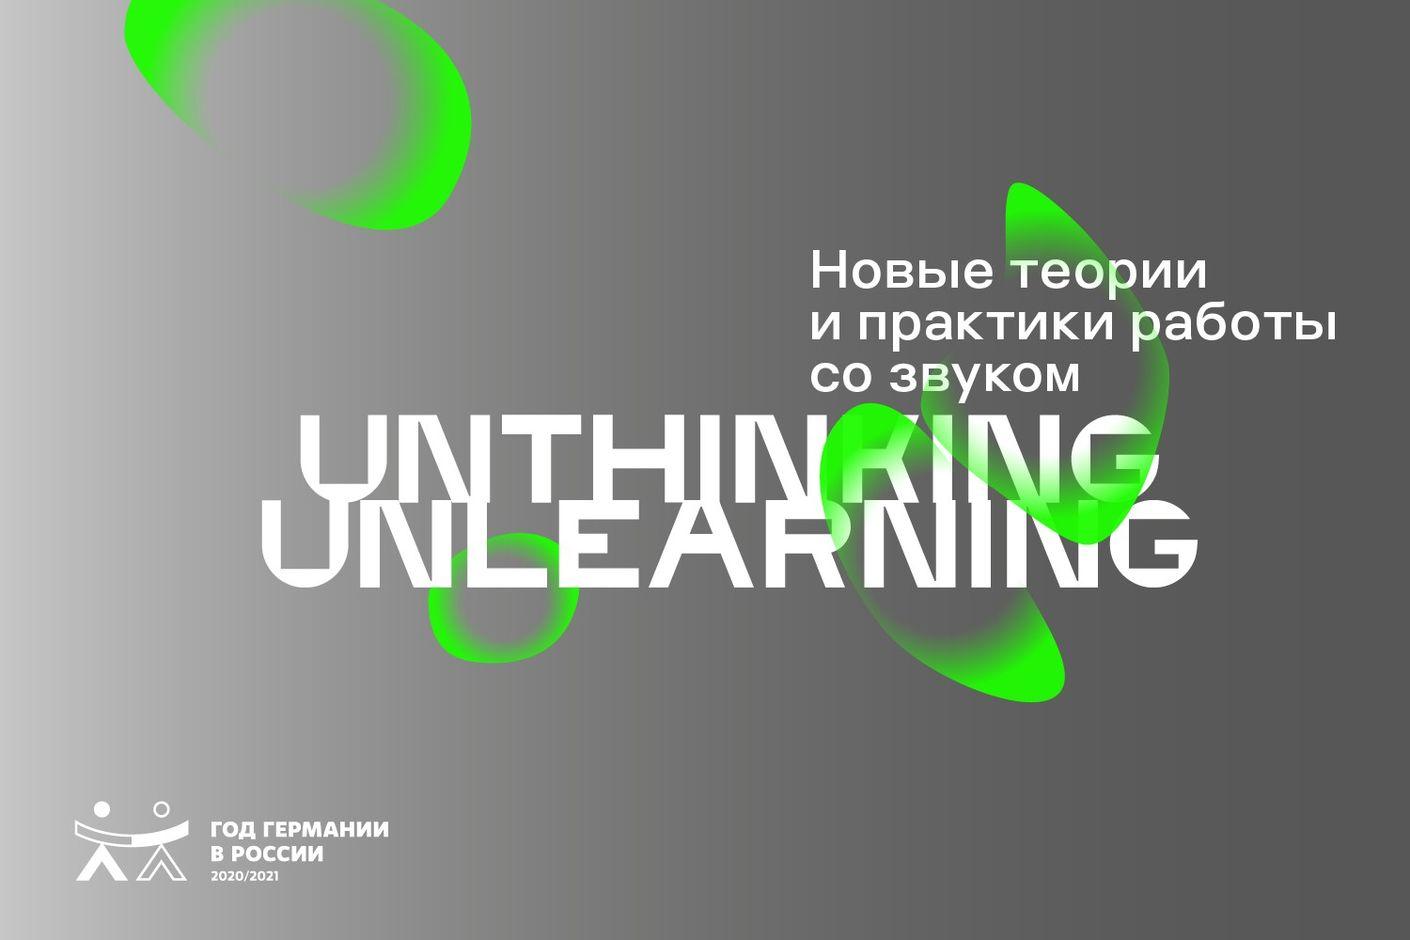 Unthinking / Unlearning Новые теории и практики работы со звуком